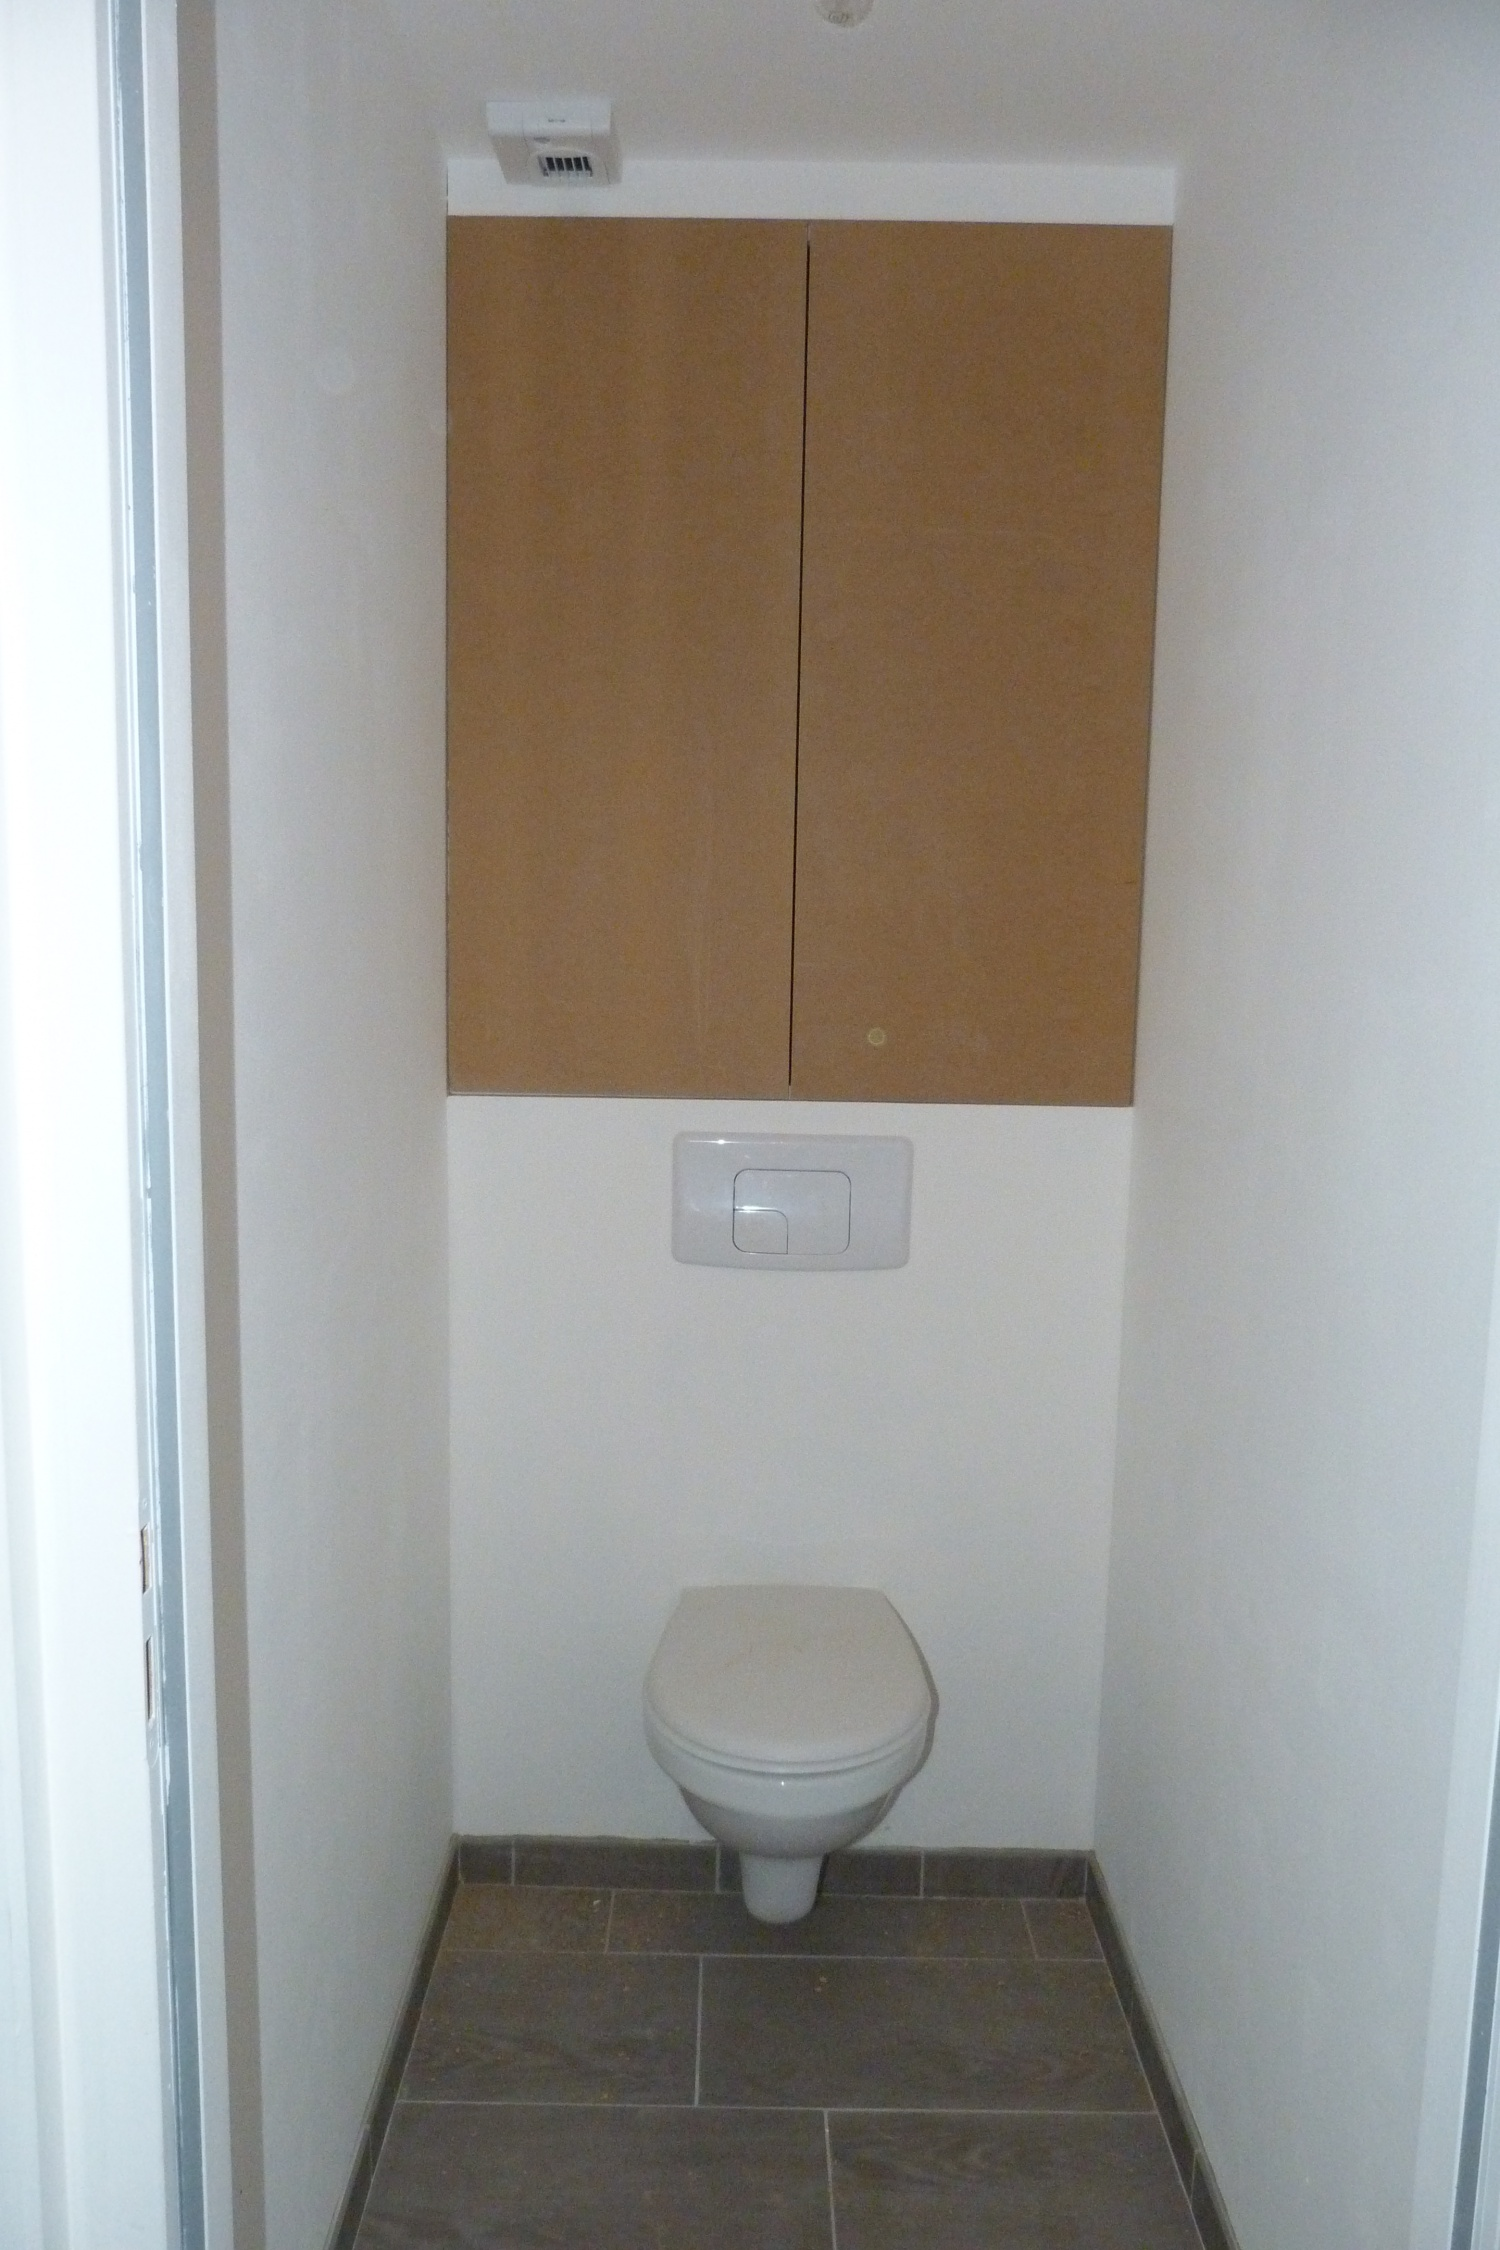 DZ) WC \